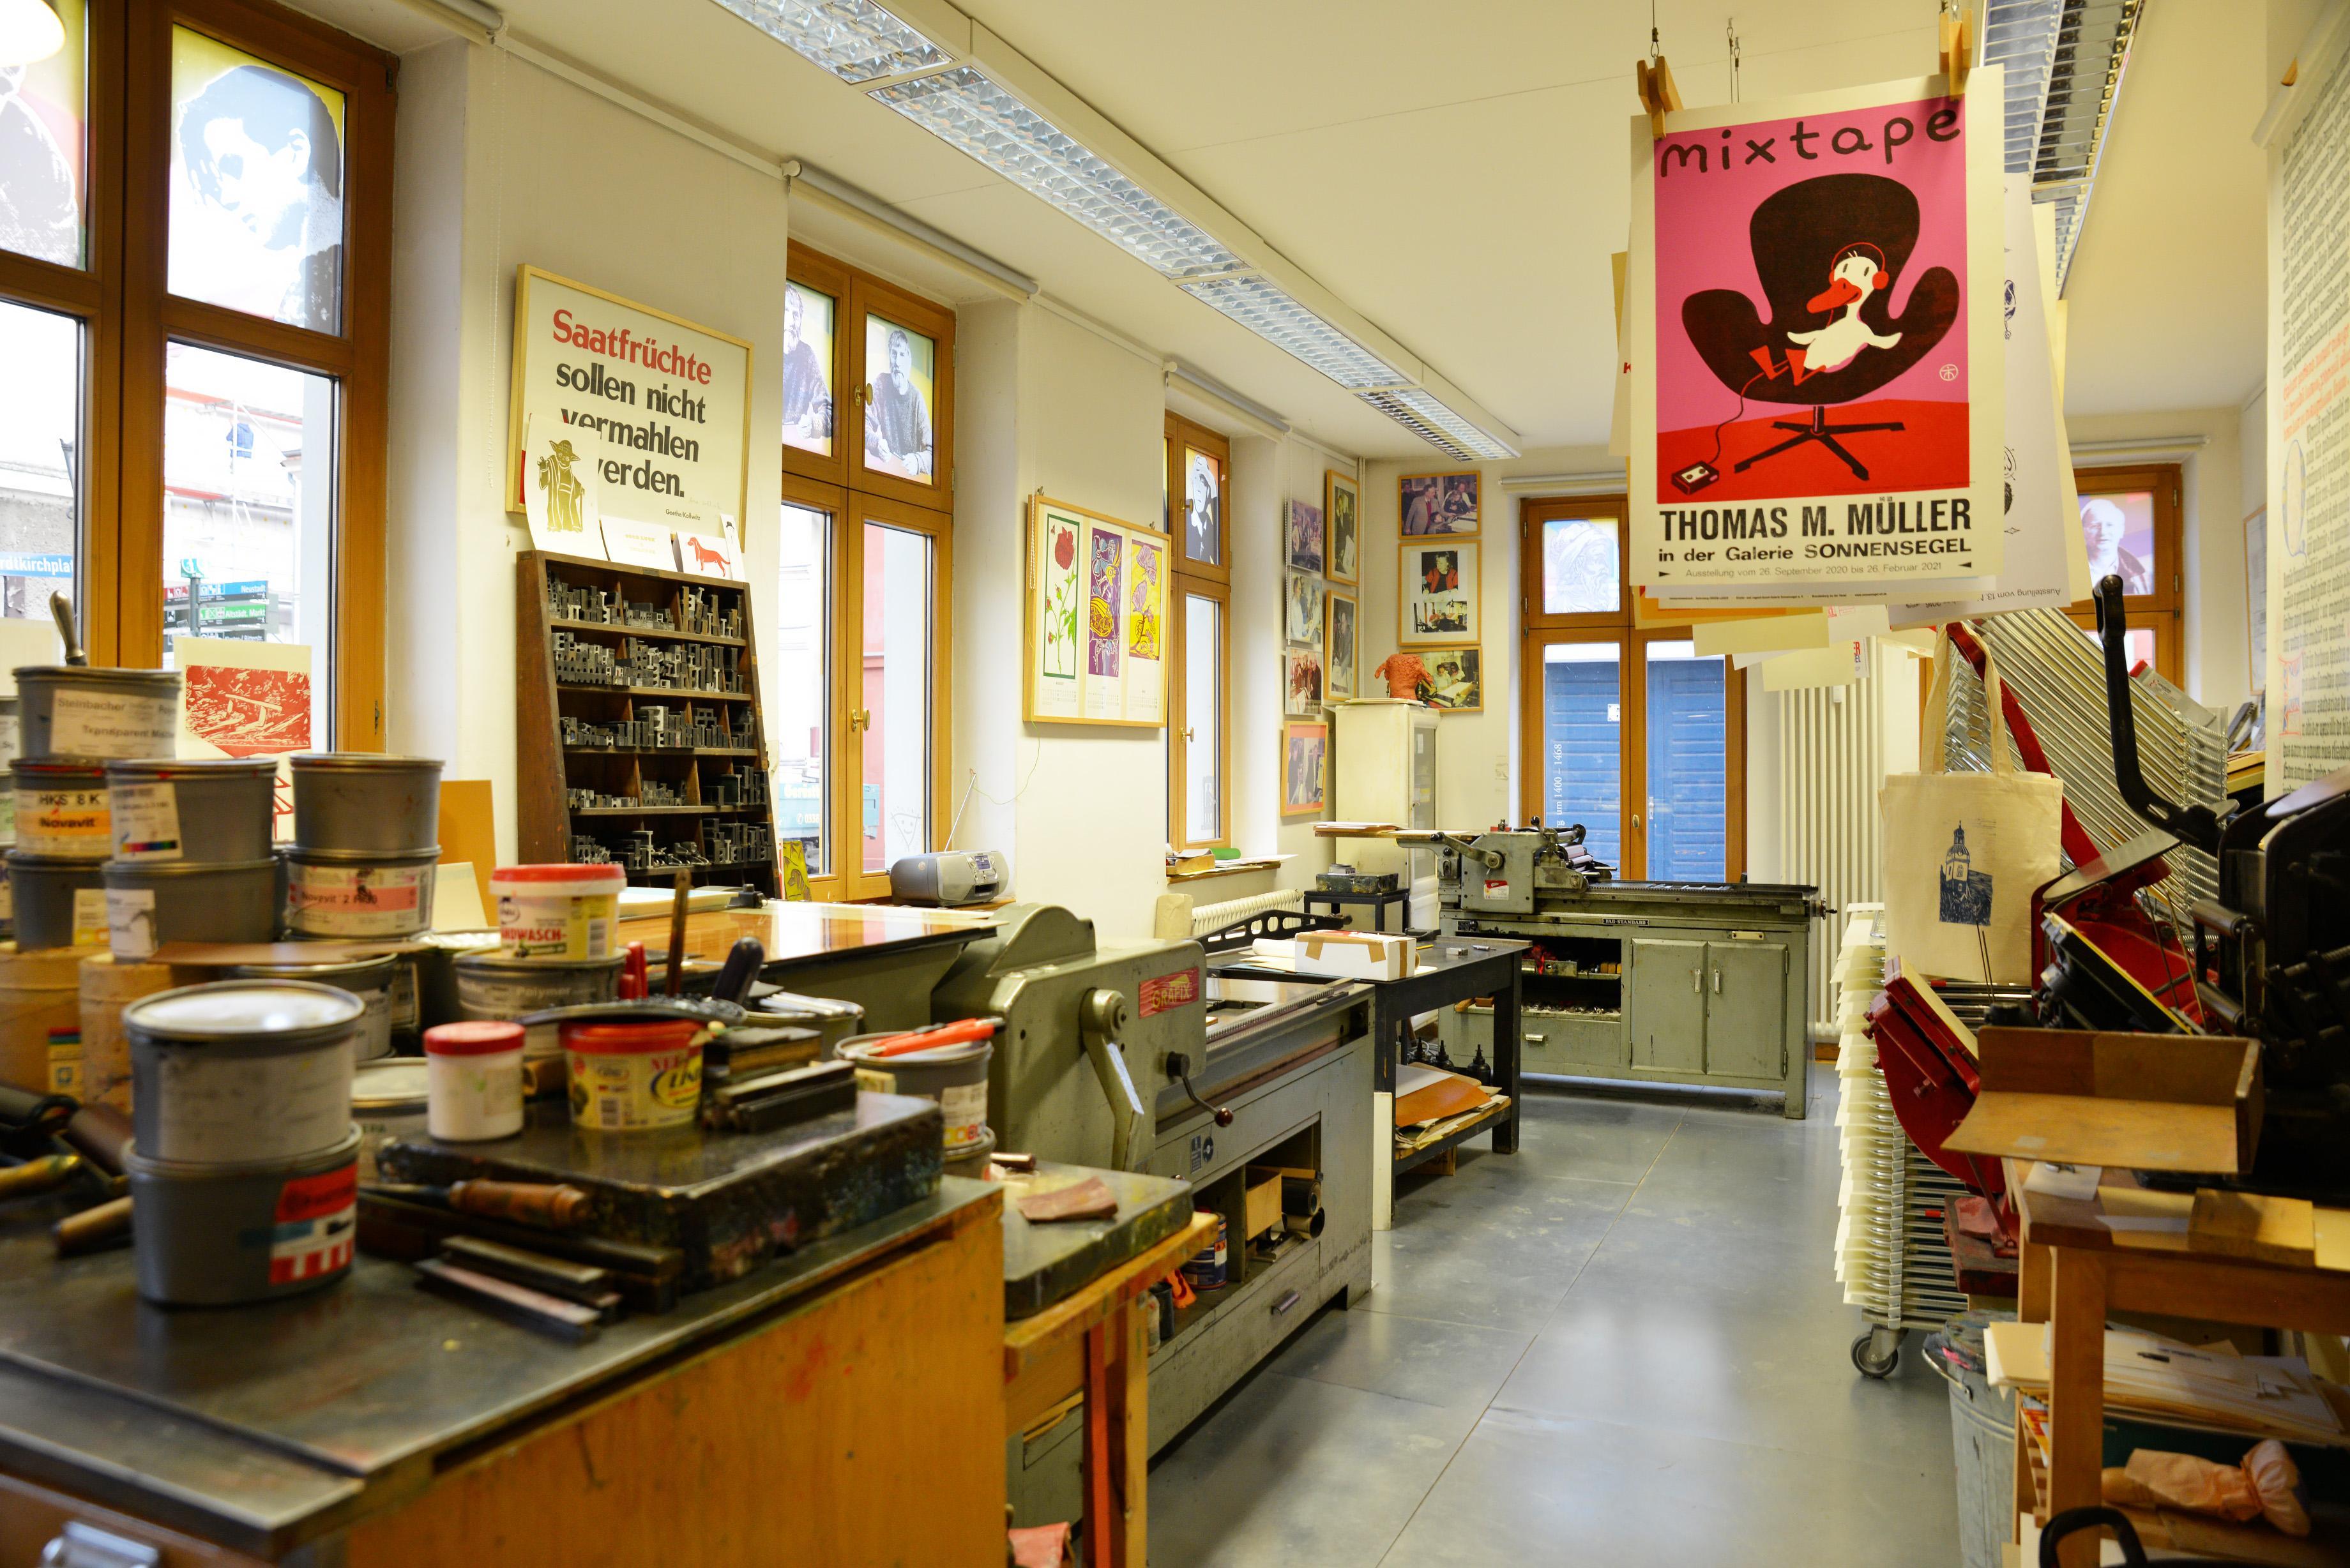 Raum der Kunstschule Sonnensegel